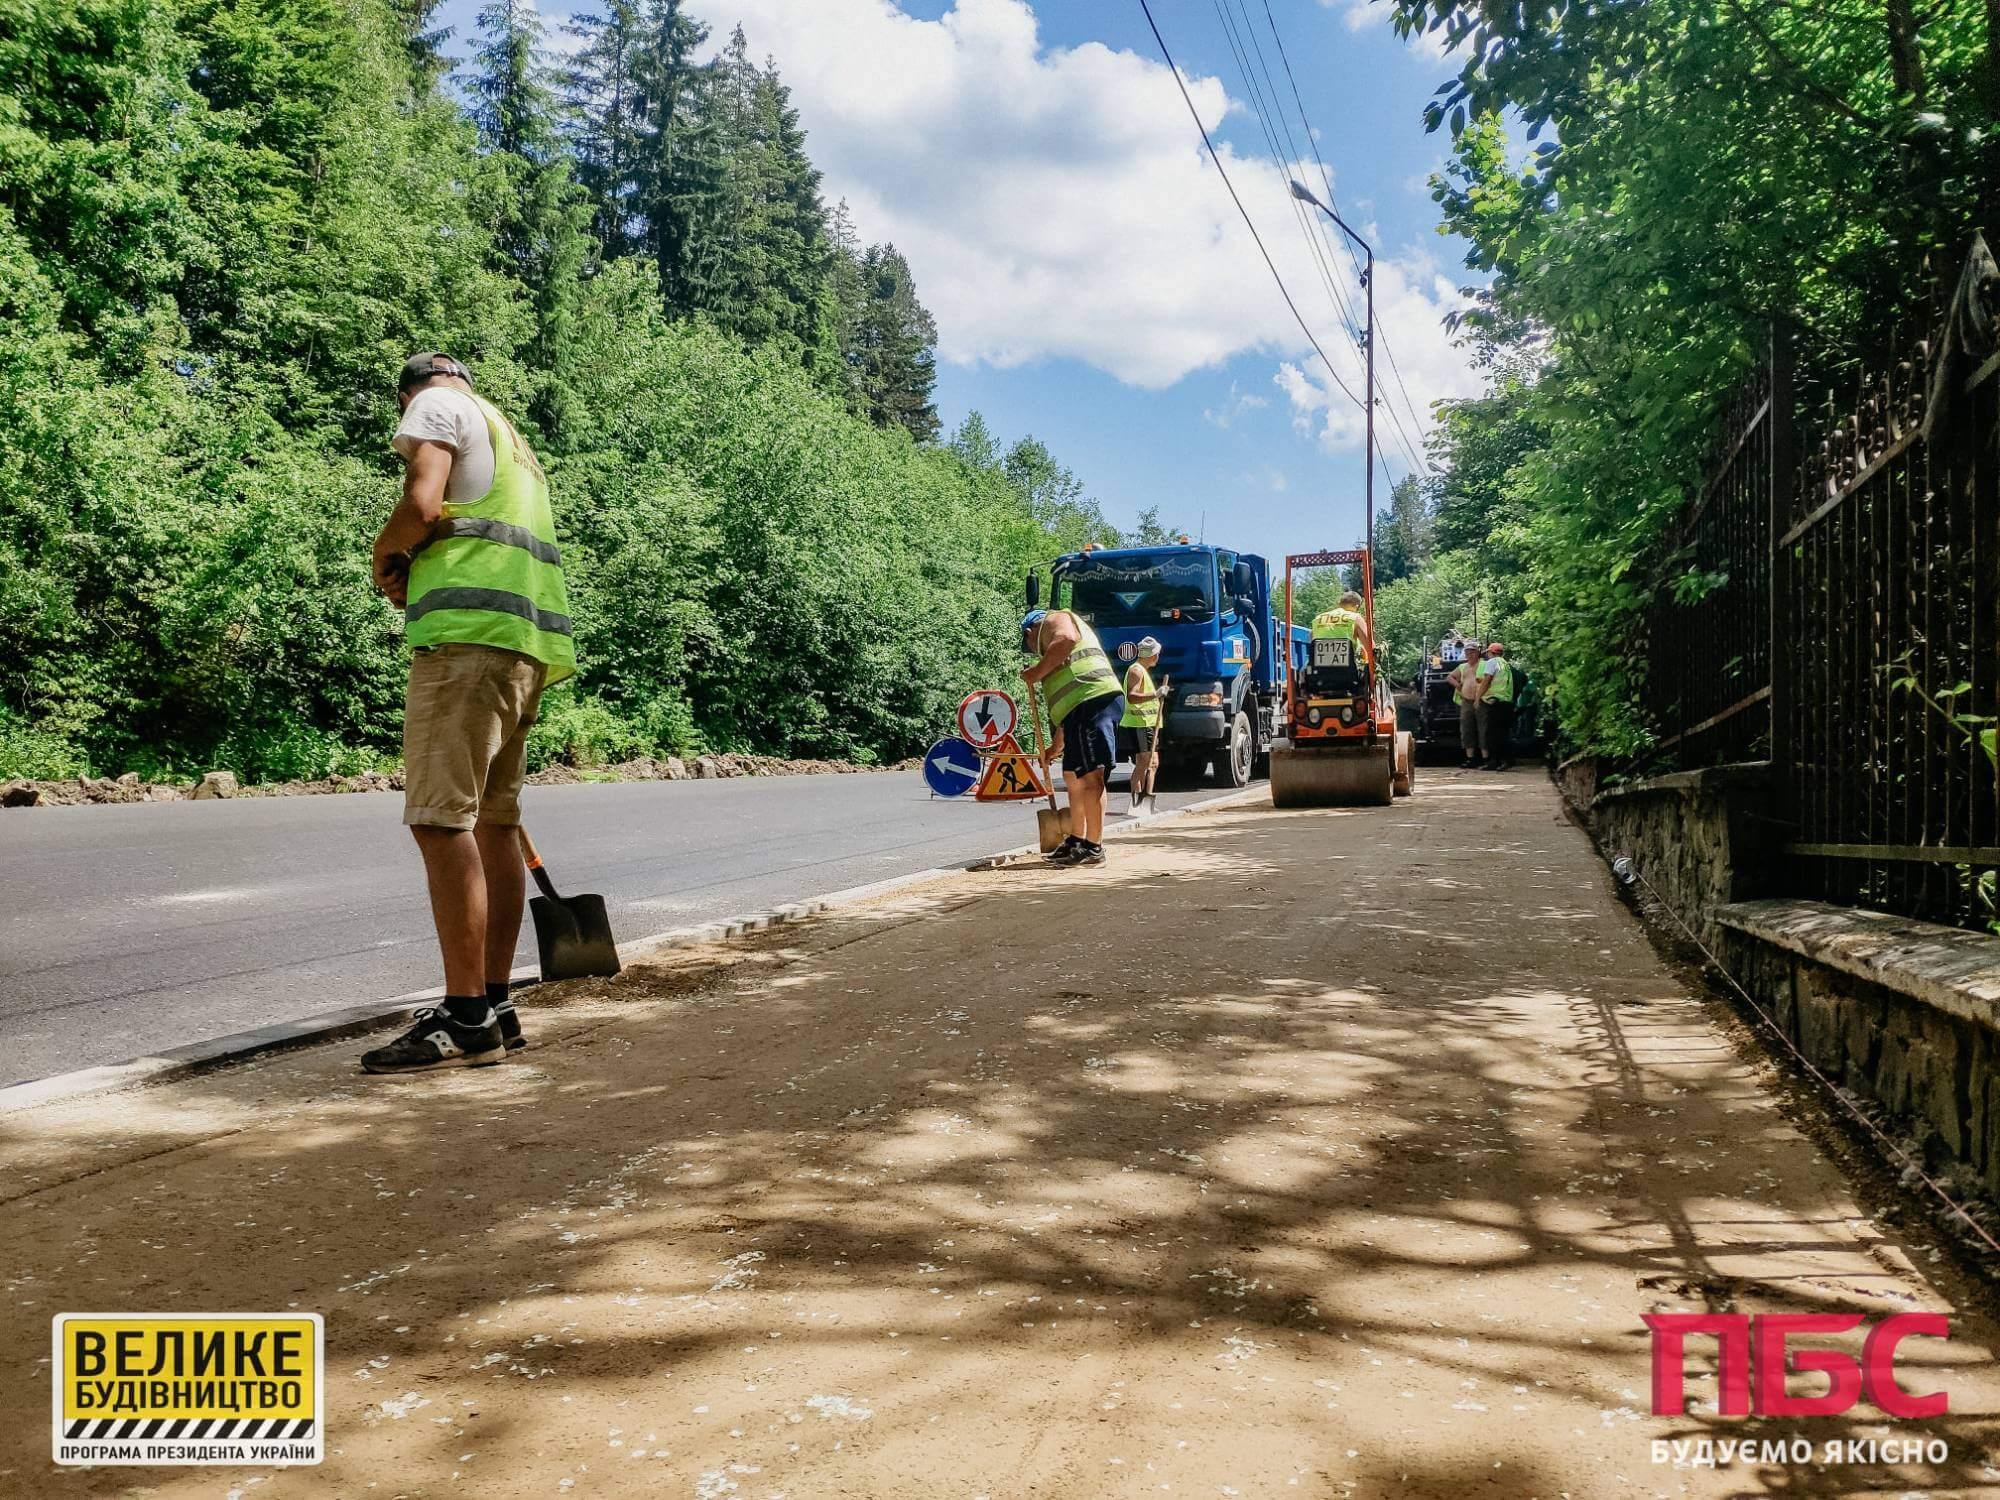 Дорогу державного значення в області продовжують ремонтувати (ФОТО)